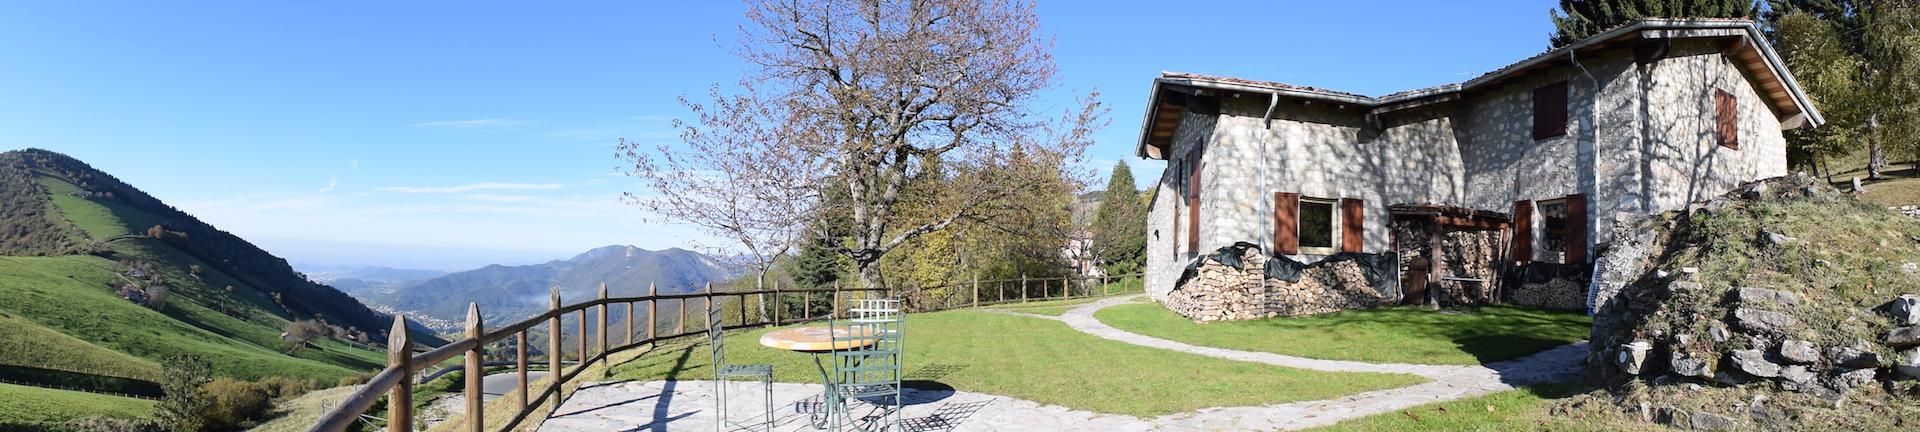 Multiproprietà in vendita a Grone, 5 locali, prezzo € 500.000 | Cambio Casa.it